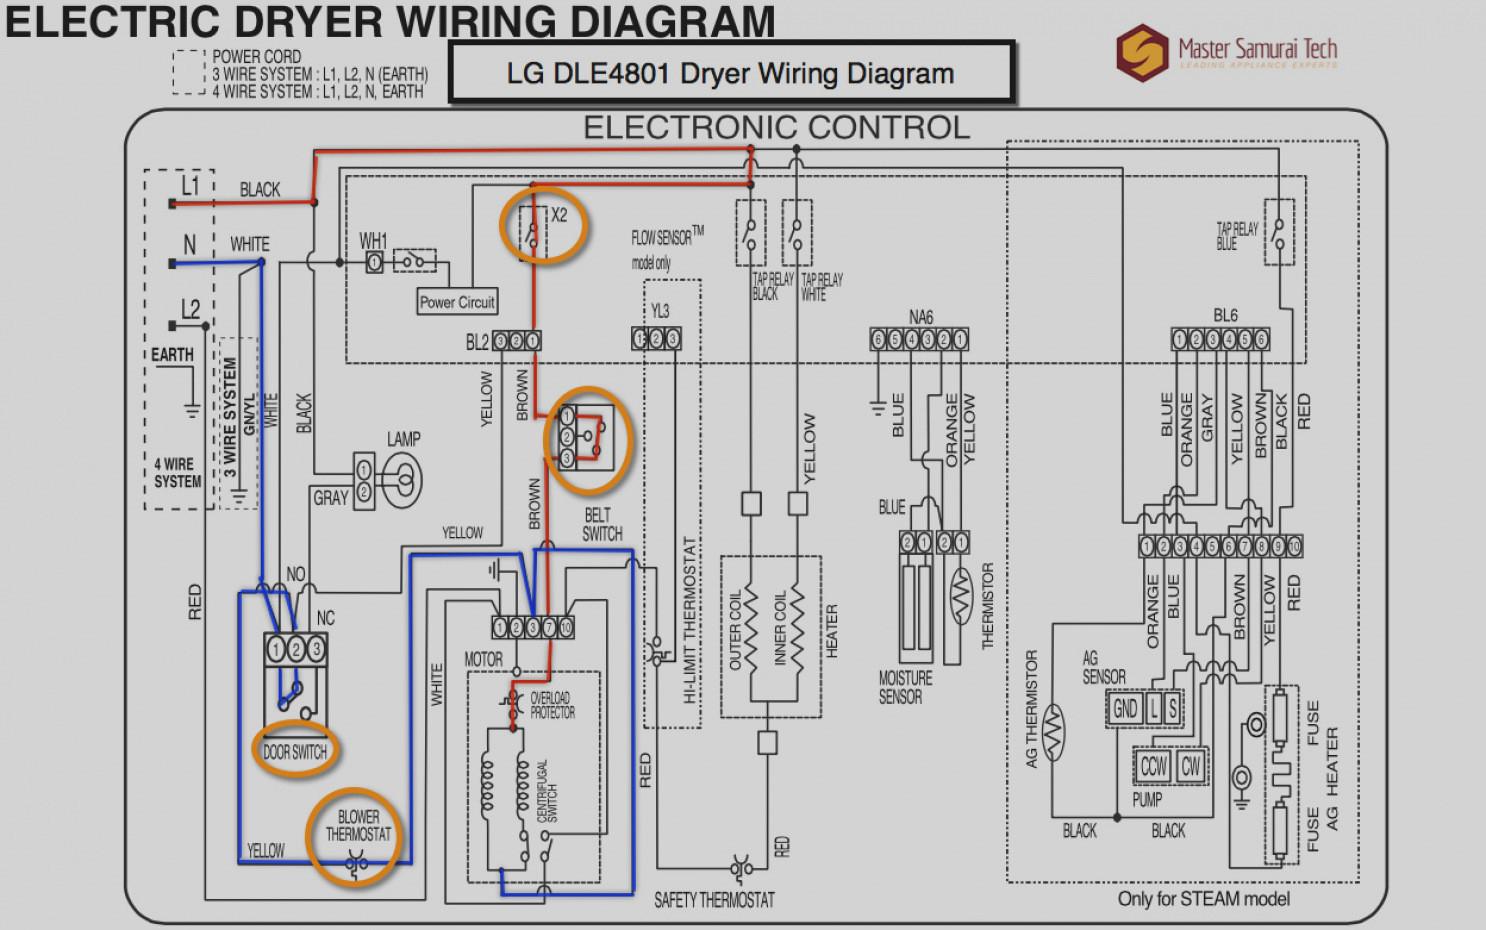 Whirlpool Thermistor Wiring Diagram Data Wiring Schema Bosch Dishwasher  Pump Schematic Diagram Bosch Dryer Wiring Diagram